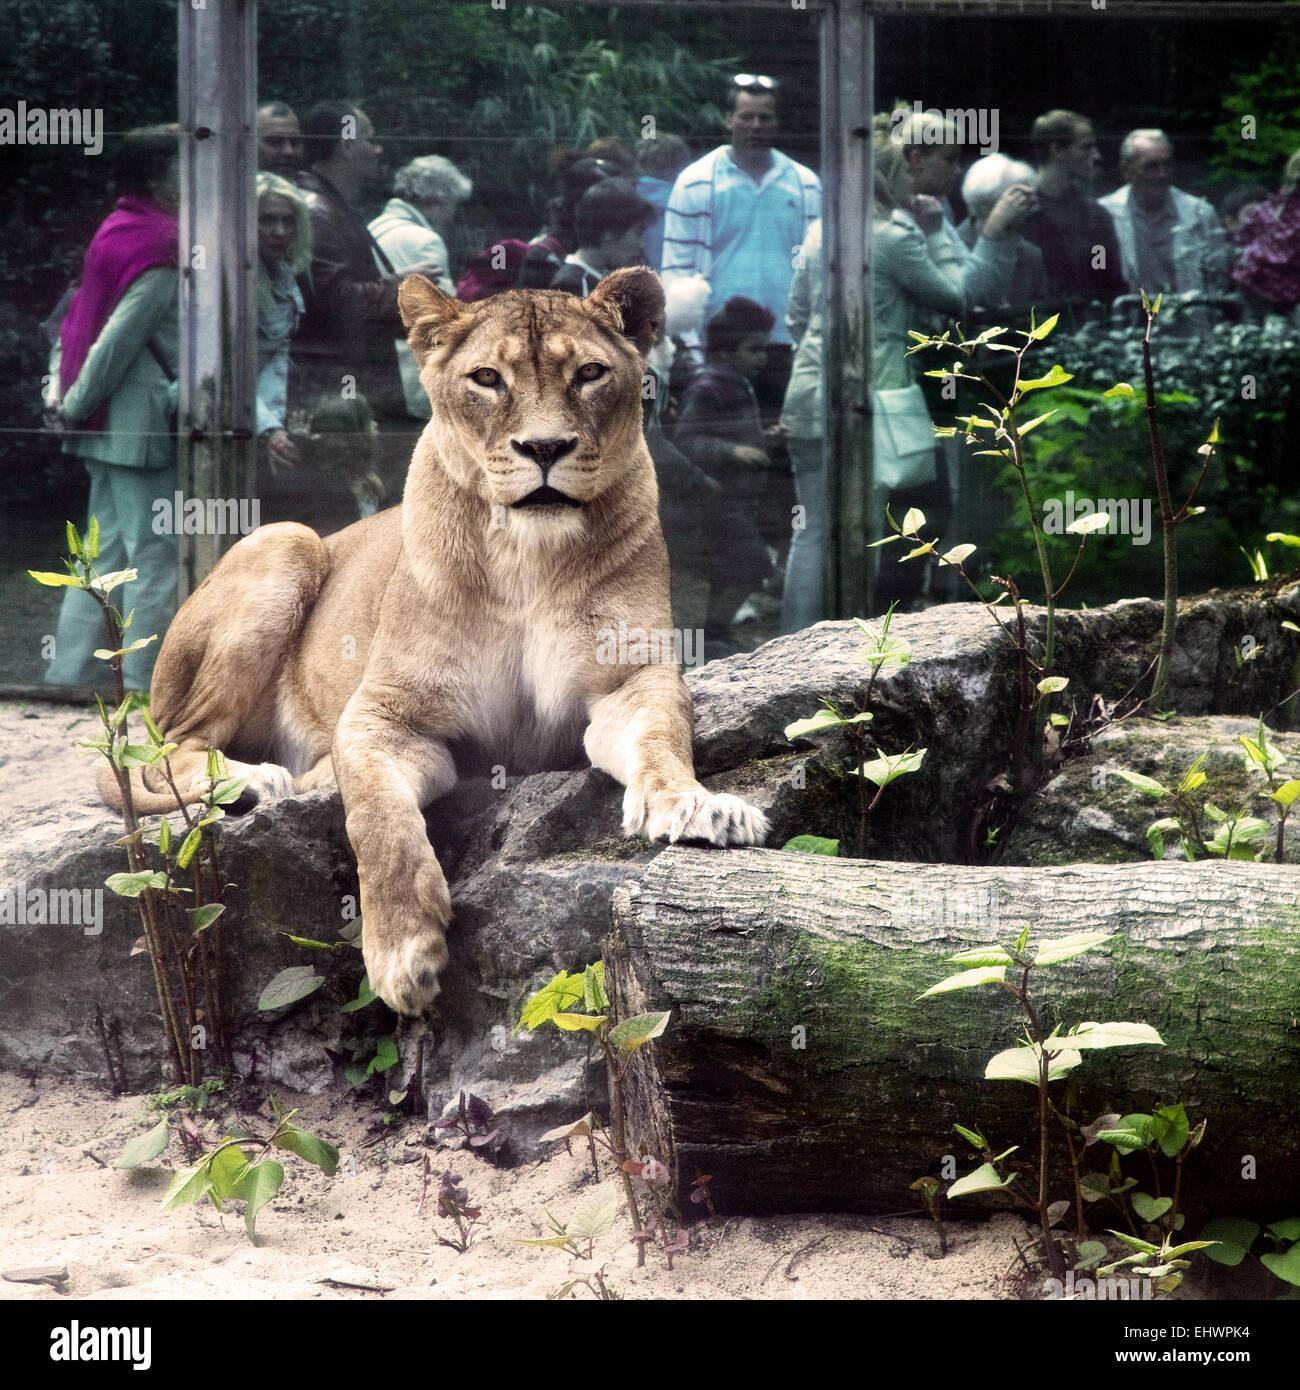 Lion e persone, Zoo di Duisburg, Germania. Immagini Stock